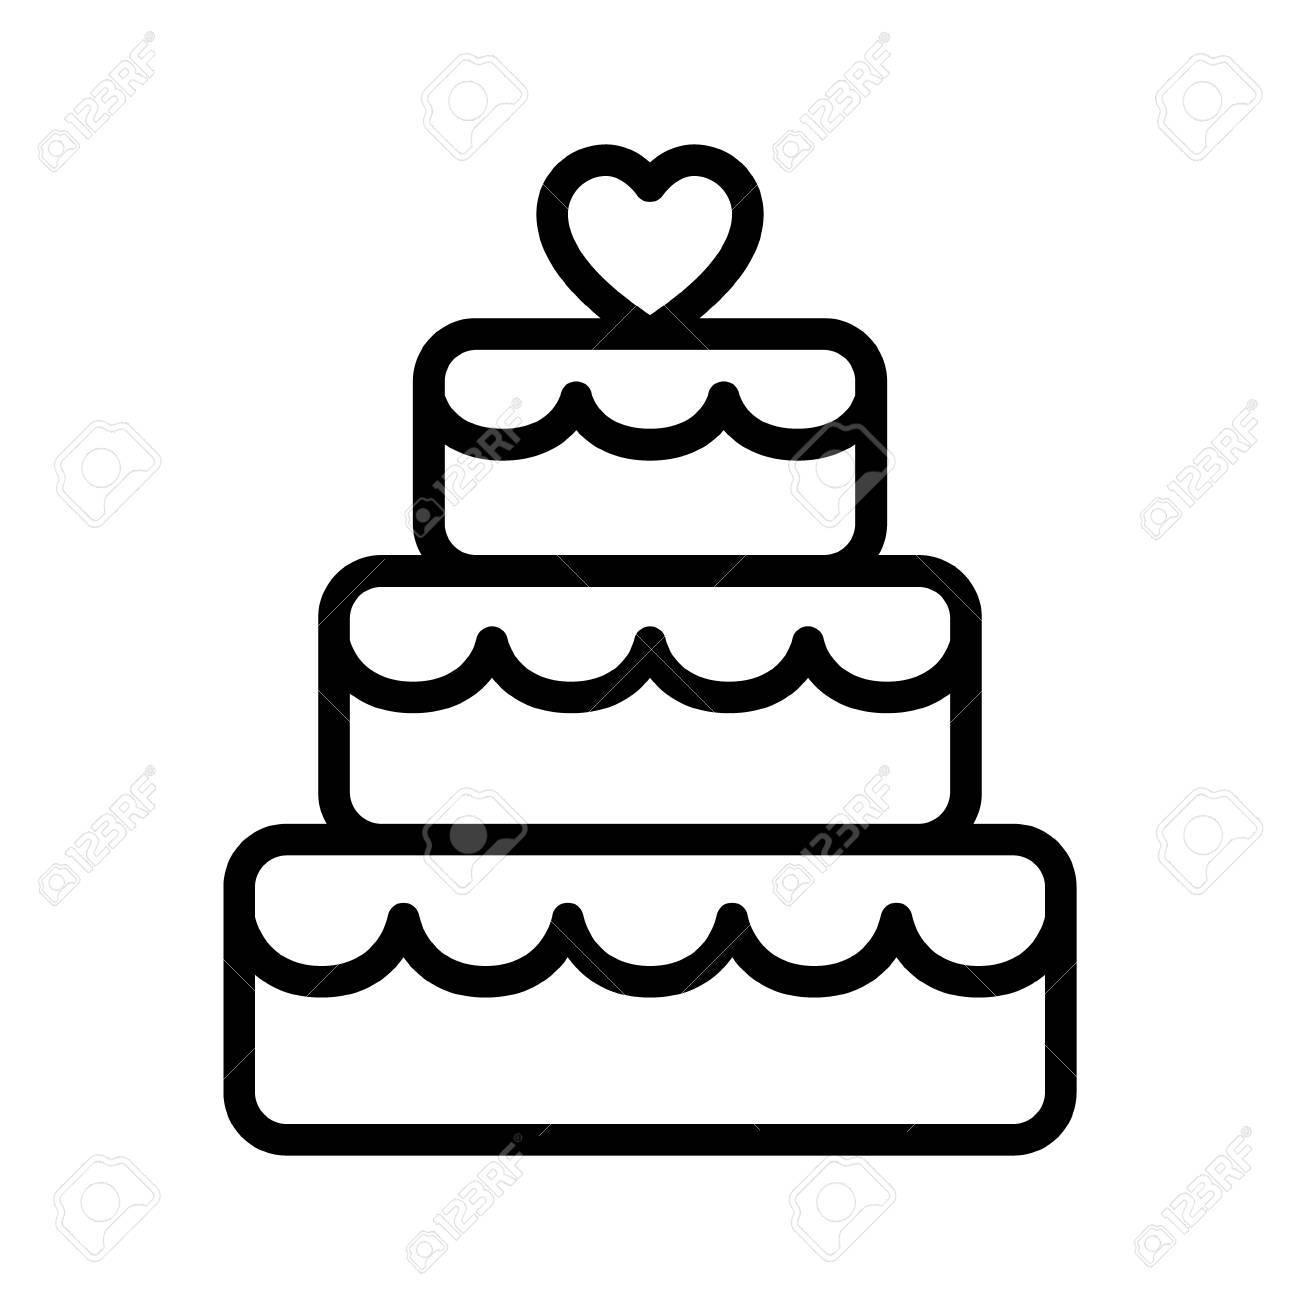 Gestapelte Hochzeitstorte Dessert Mit Linie Symbol Herz Topper Kunst